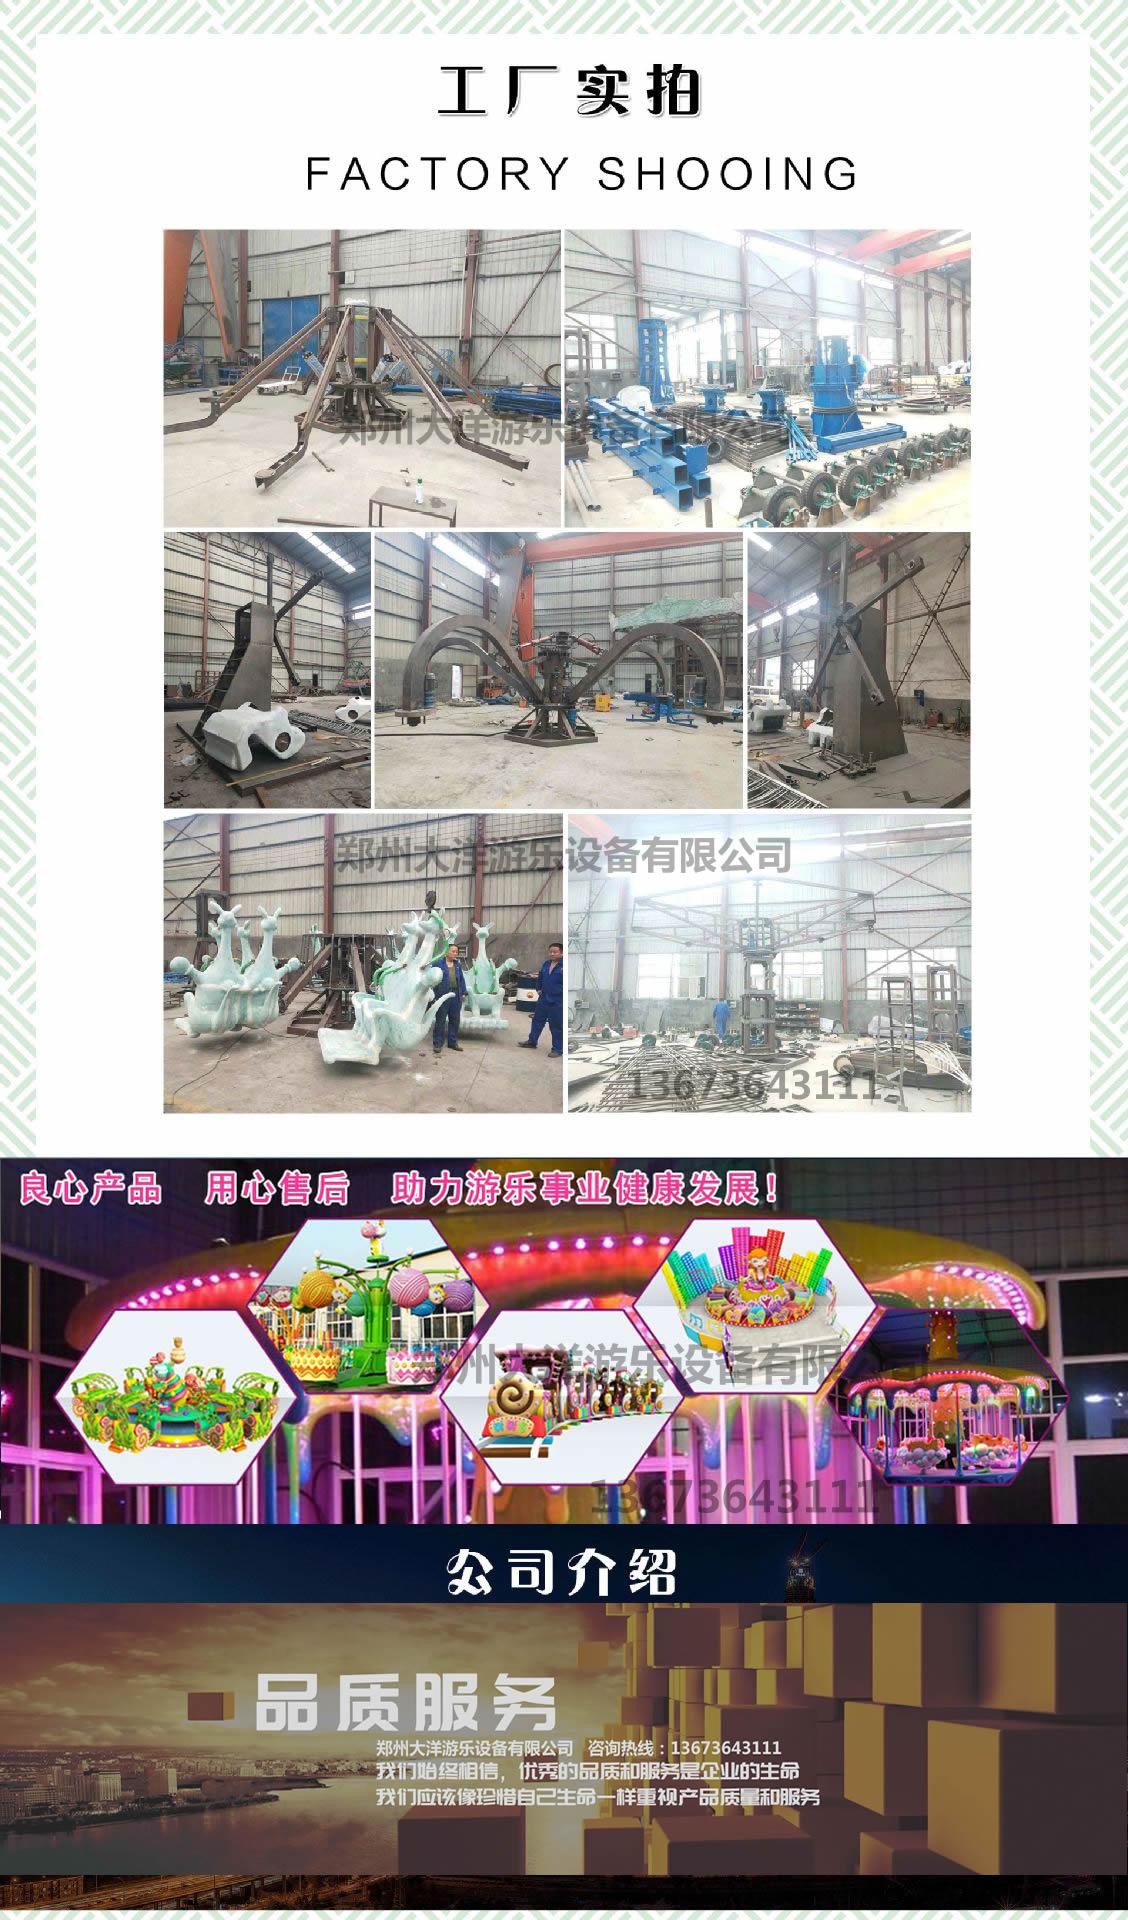 人生理想的   大象轨道火车儿童游乐设备 厂家直销 郑州大洋大象火车供应商买游乐设备来大洋生意喜洋洋示例图23